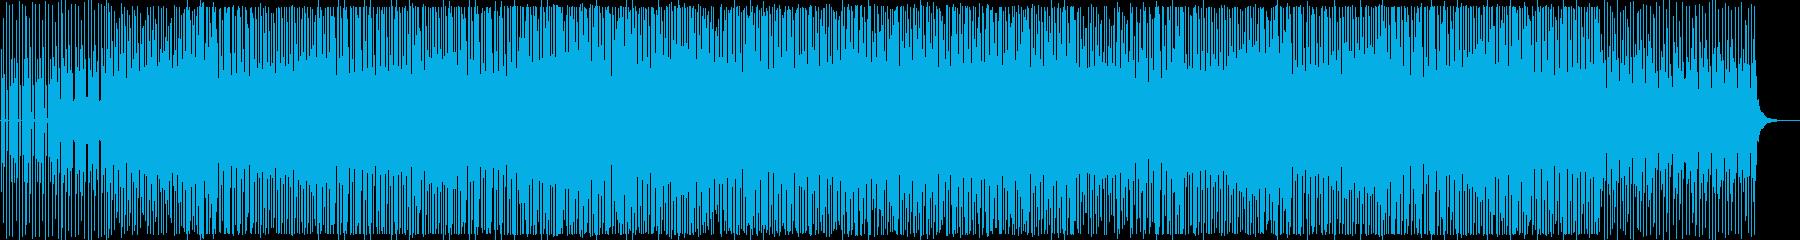 クールでリズミカルなテクノポップの再生済みの波形